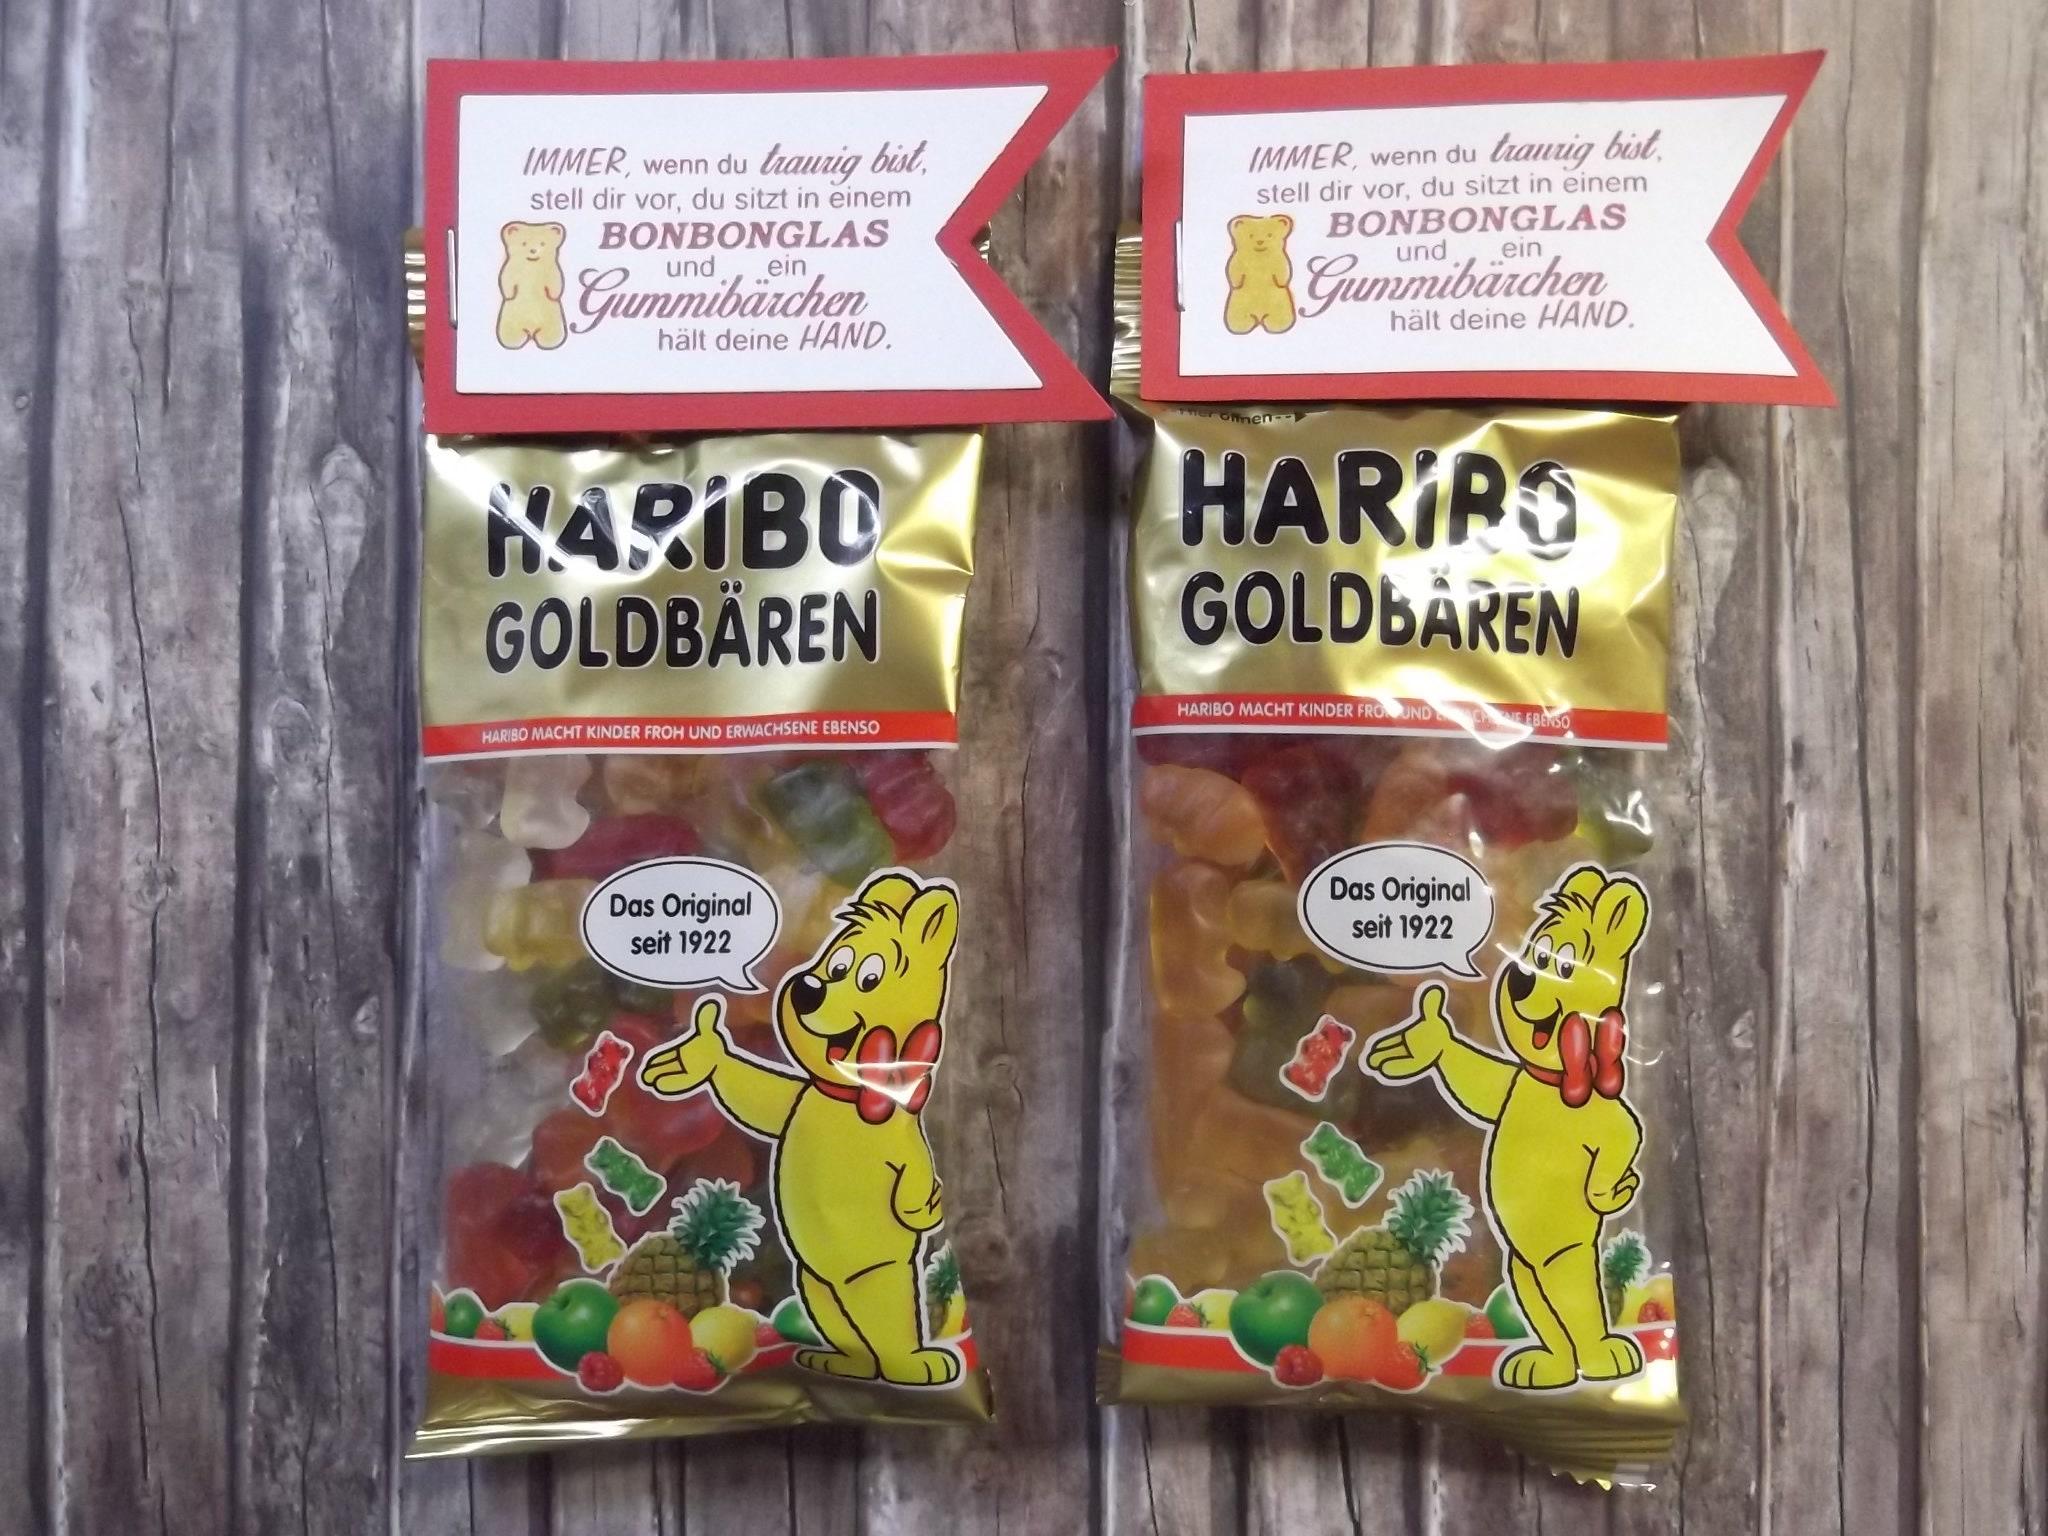 2x Haribo Gummibärchen mit süßem Spruch Geschenk   Etsy